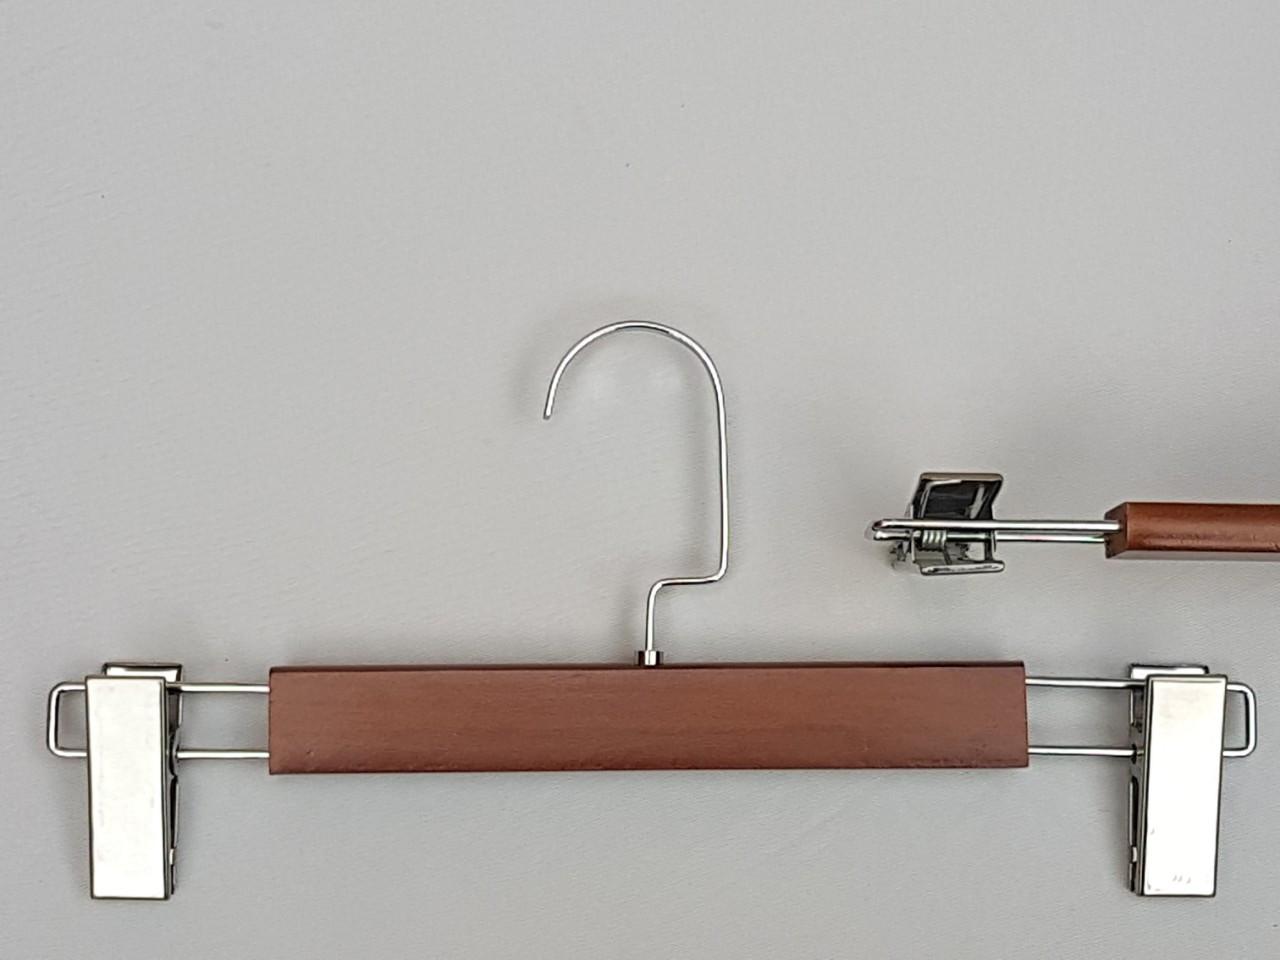 Плічка довжиною 32 см вішалки дерев'яні з прищіпками затискачами для брюк і спідниць коричневого кольору